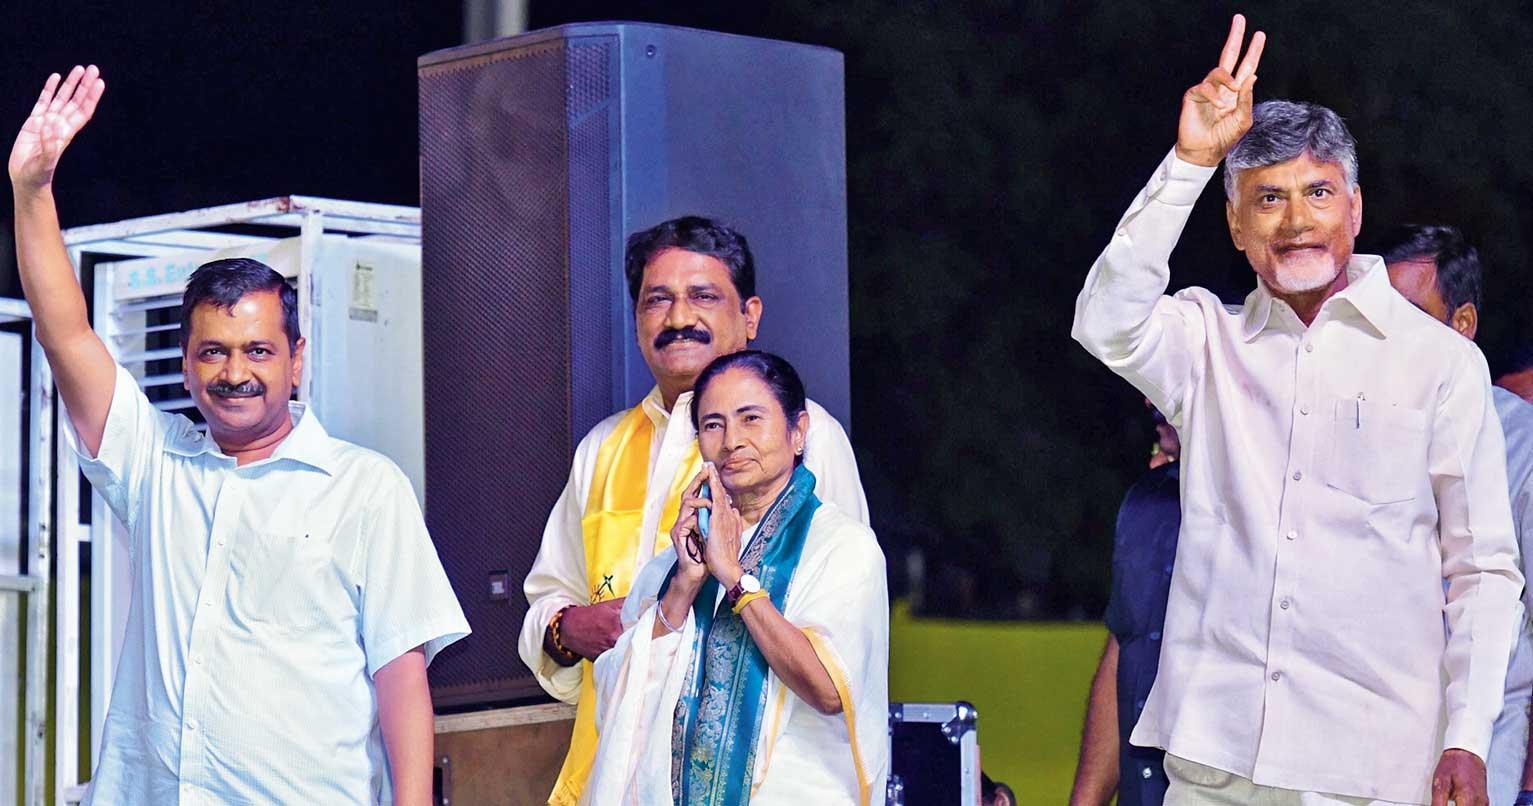 (From left) Arvind Kejriwal, Mamata Banerjee and N Chandrababu Naidu at the rally in Visakhapatnam on Sunday.